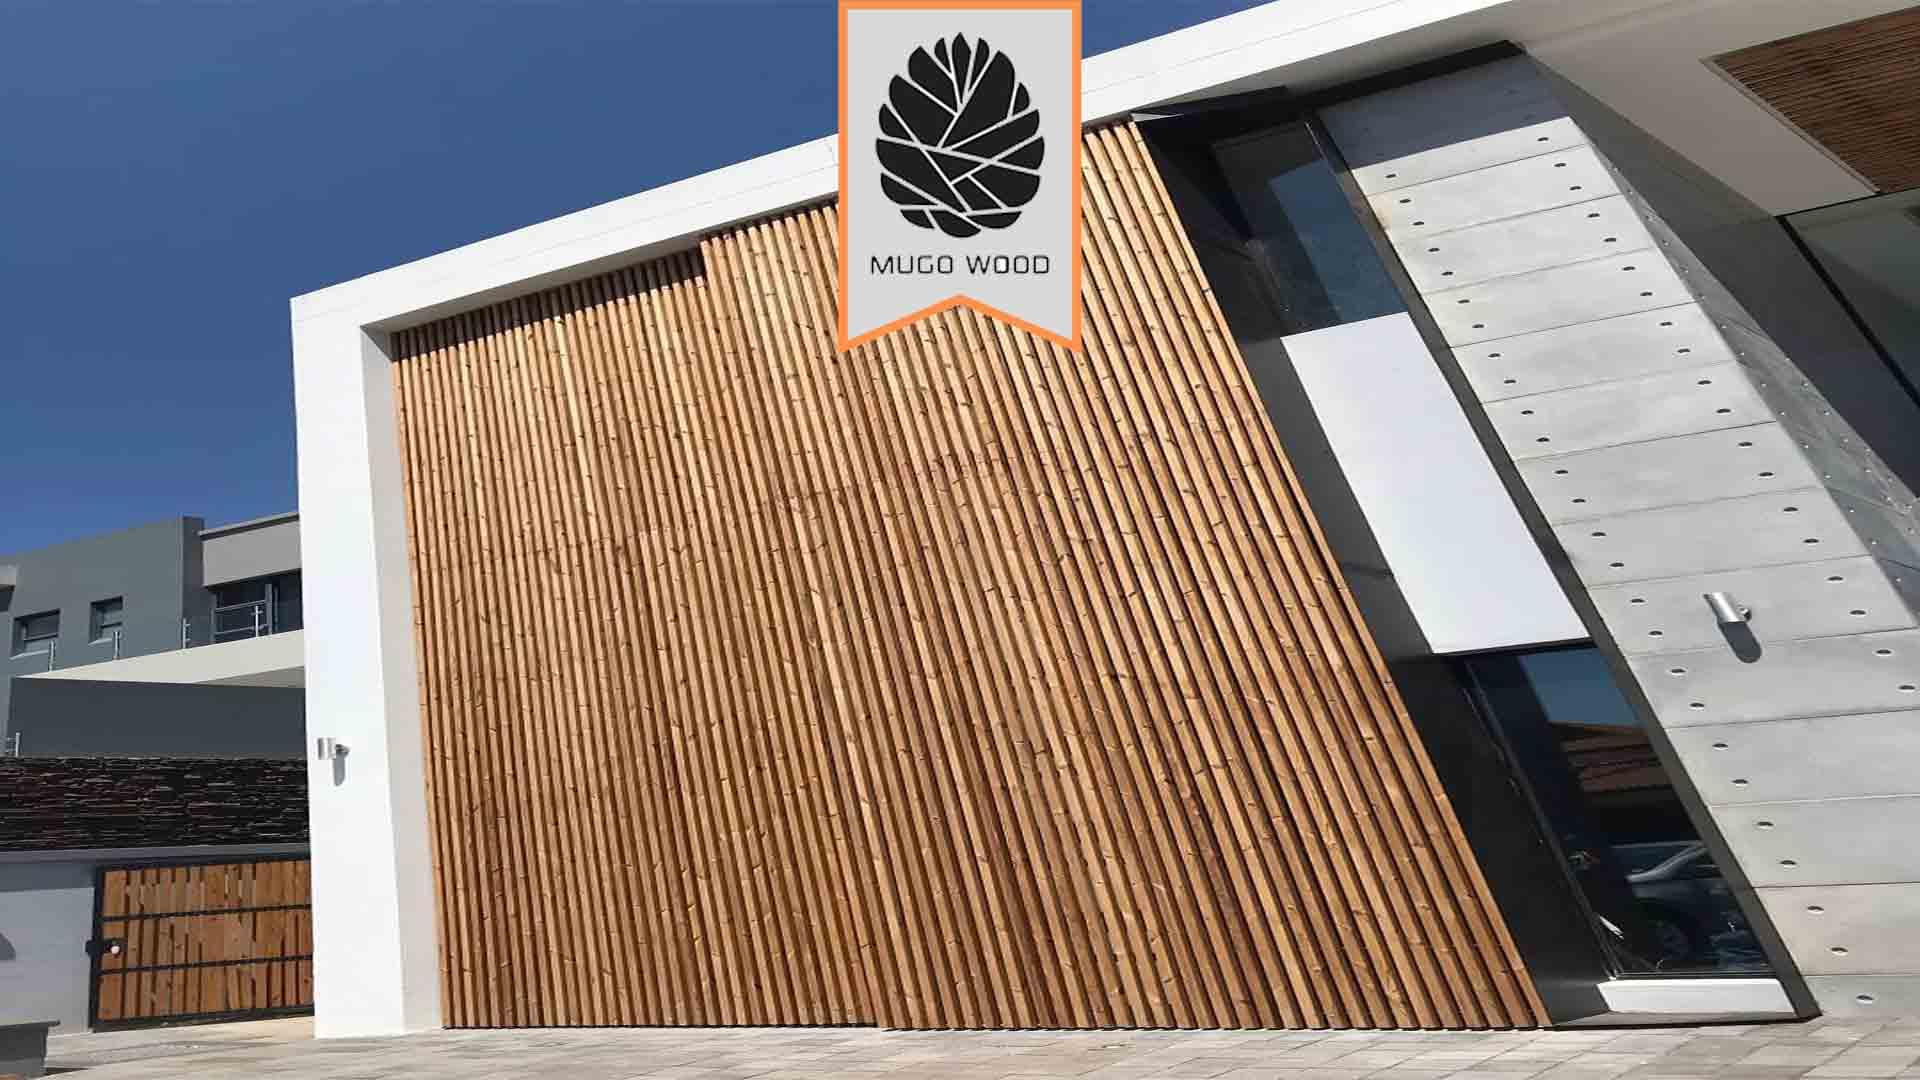 رنگ روغن روی چوب - بهترین روغن برای چوب - رنگامیزی چوب - بهترین روغن برای چوب - ترموود - ترمووود - چوب ترمو - چوب ترموود - رنگ ترموود - ترموود ایرانی